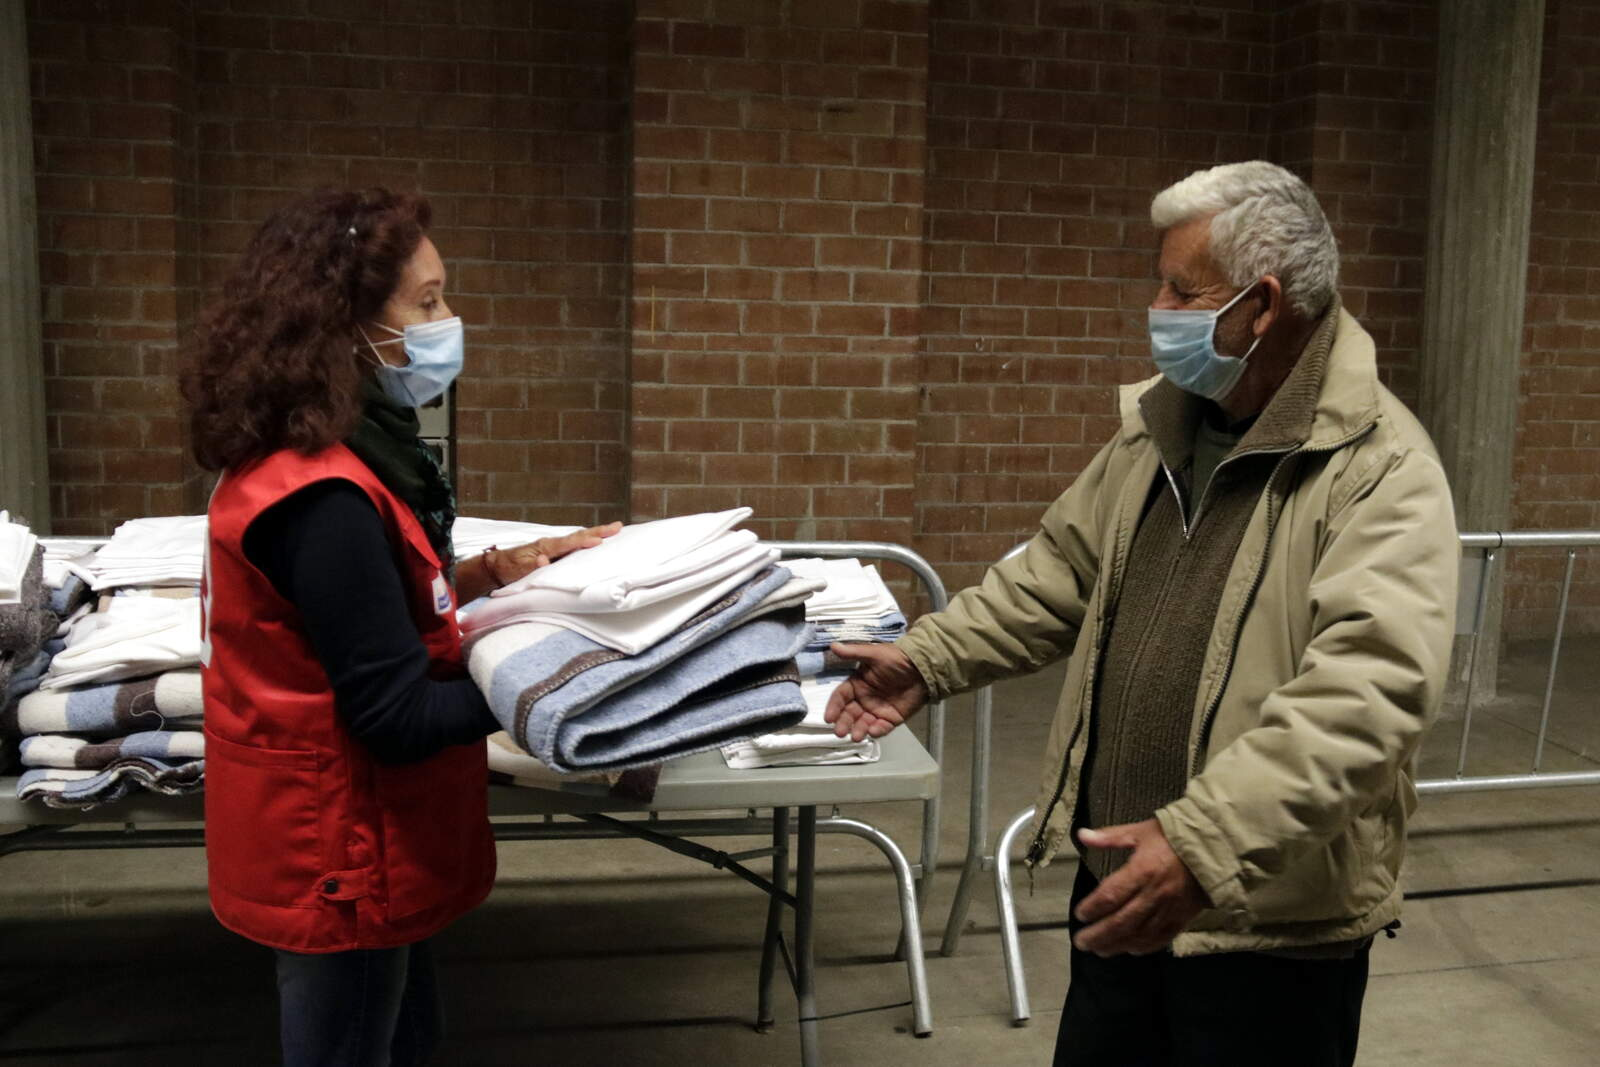 Voluntàries de la Creu Roja donant llençols i mantes a un dels usuaris del Palau de Fires de Girona, l'espai habilitat per l'Ajuntament per als sensesostre